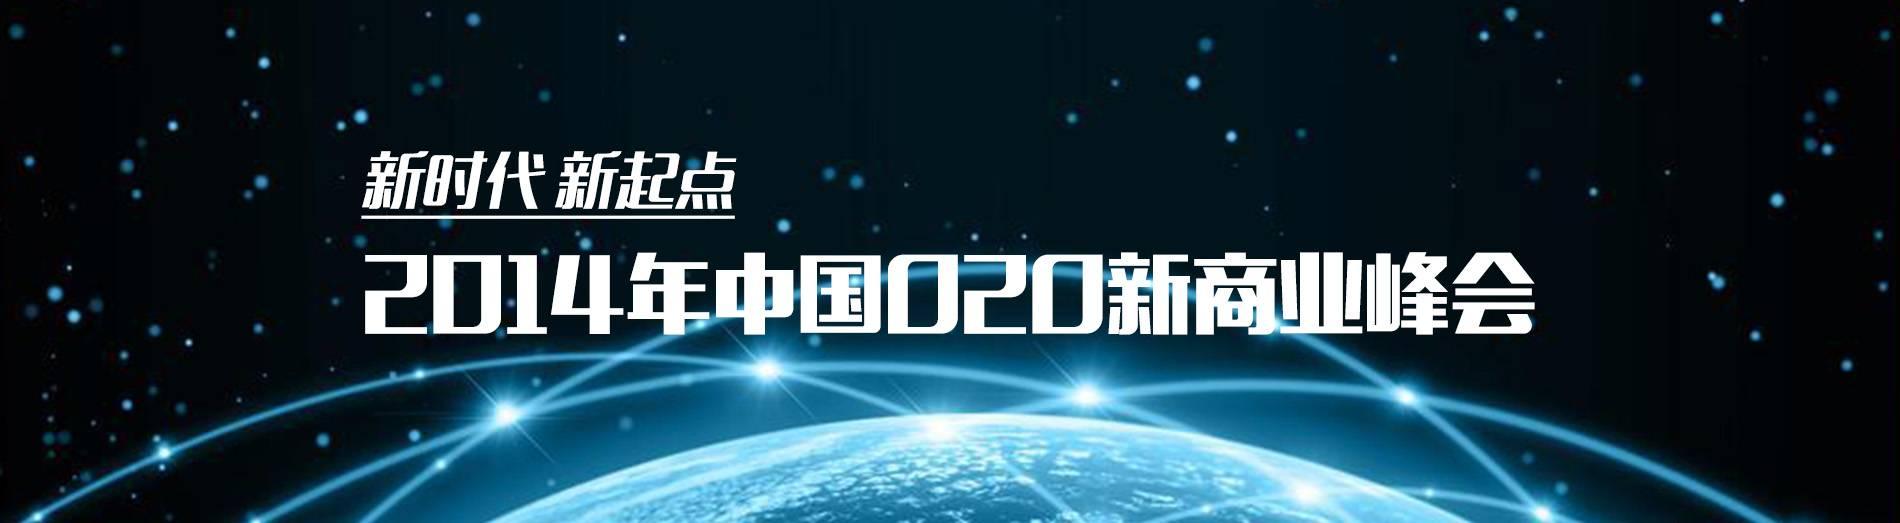 新时代、新起点  2014 中国O2O新商业峰会